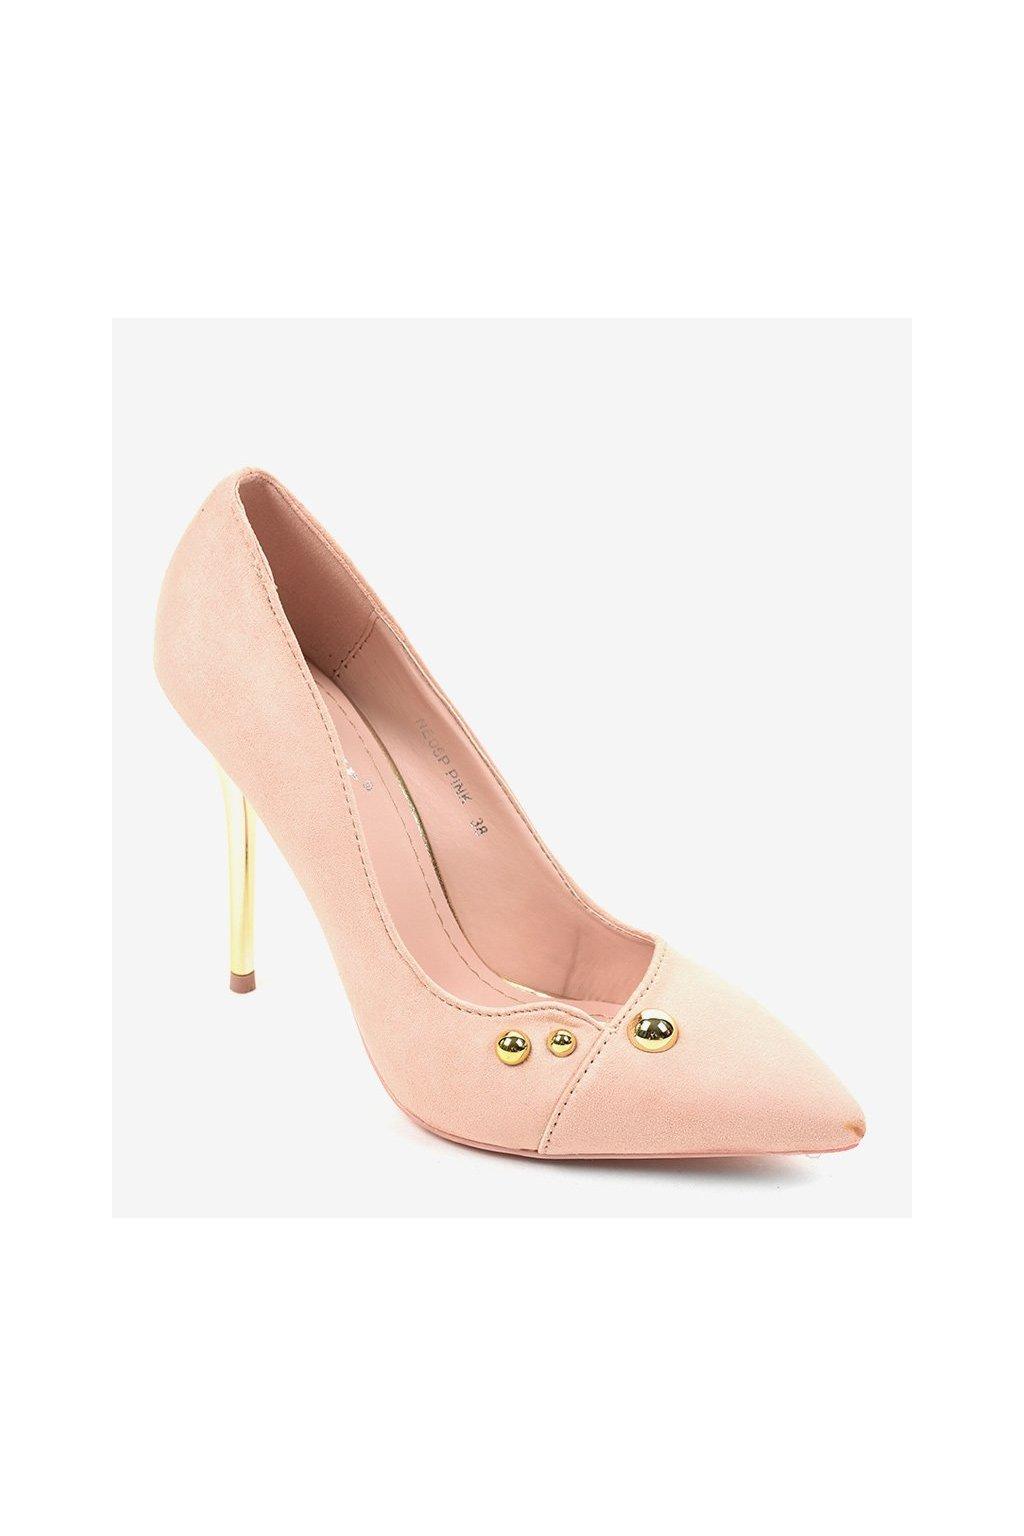 Dámske topánky lodičky ružové kód NE05P PINK - GM